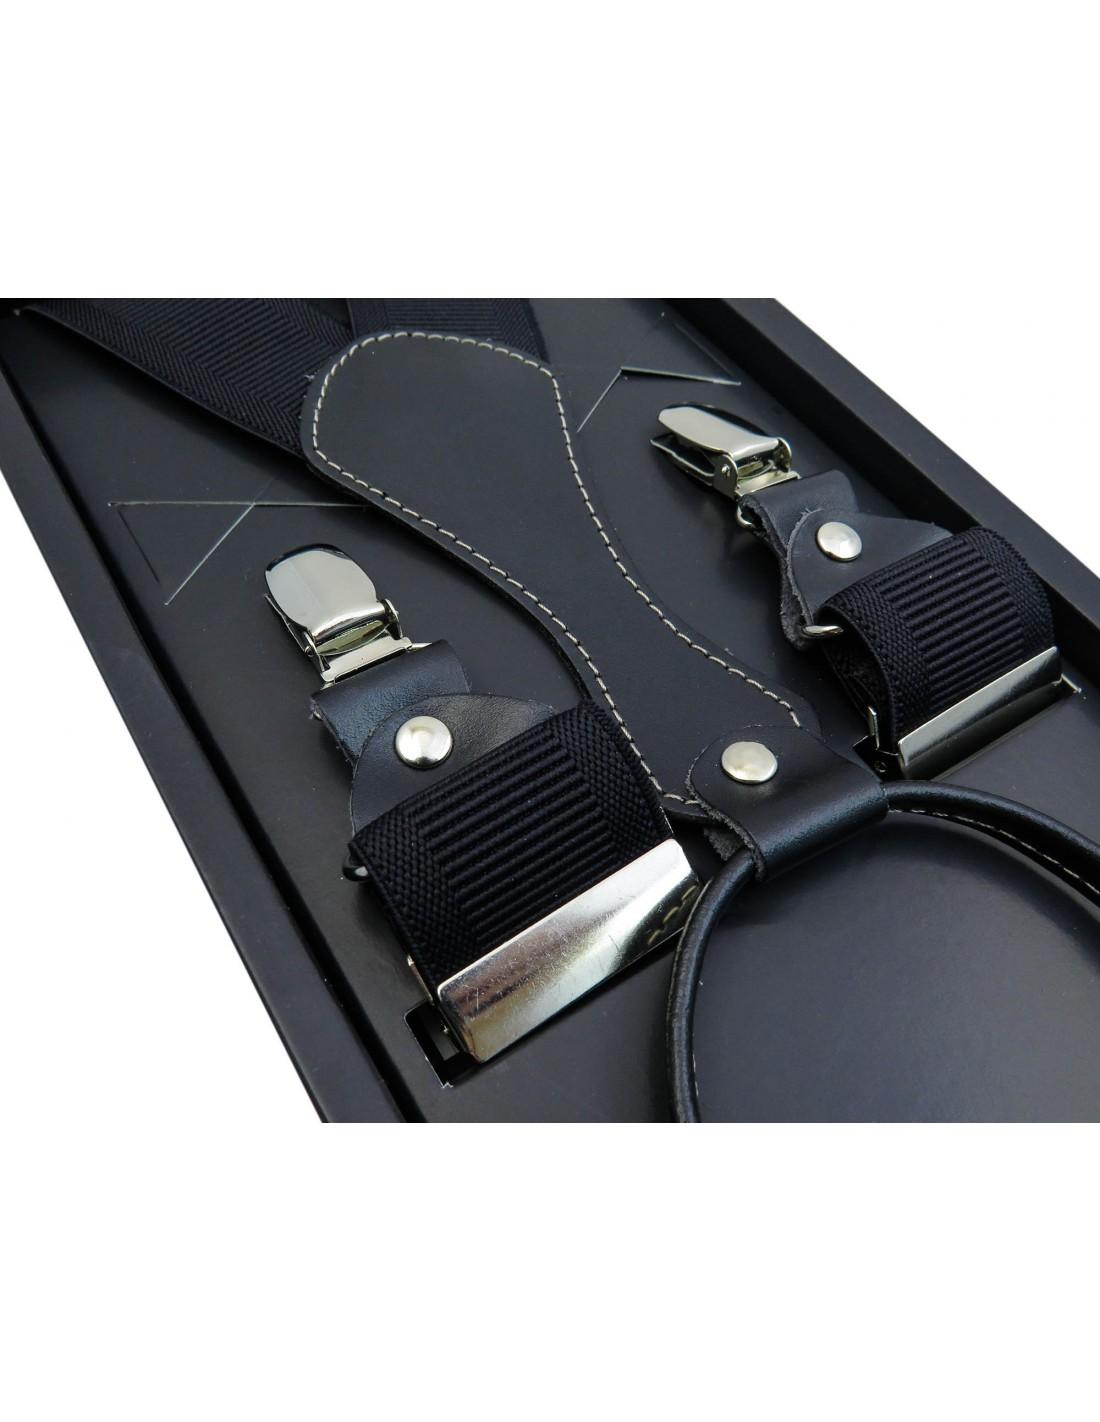 8b56bfea8ae41 Czarne klasyczne szelki męskie do spodni SZ1 | Sklep Internetowy ...